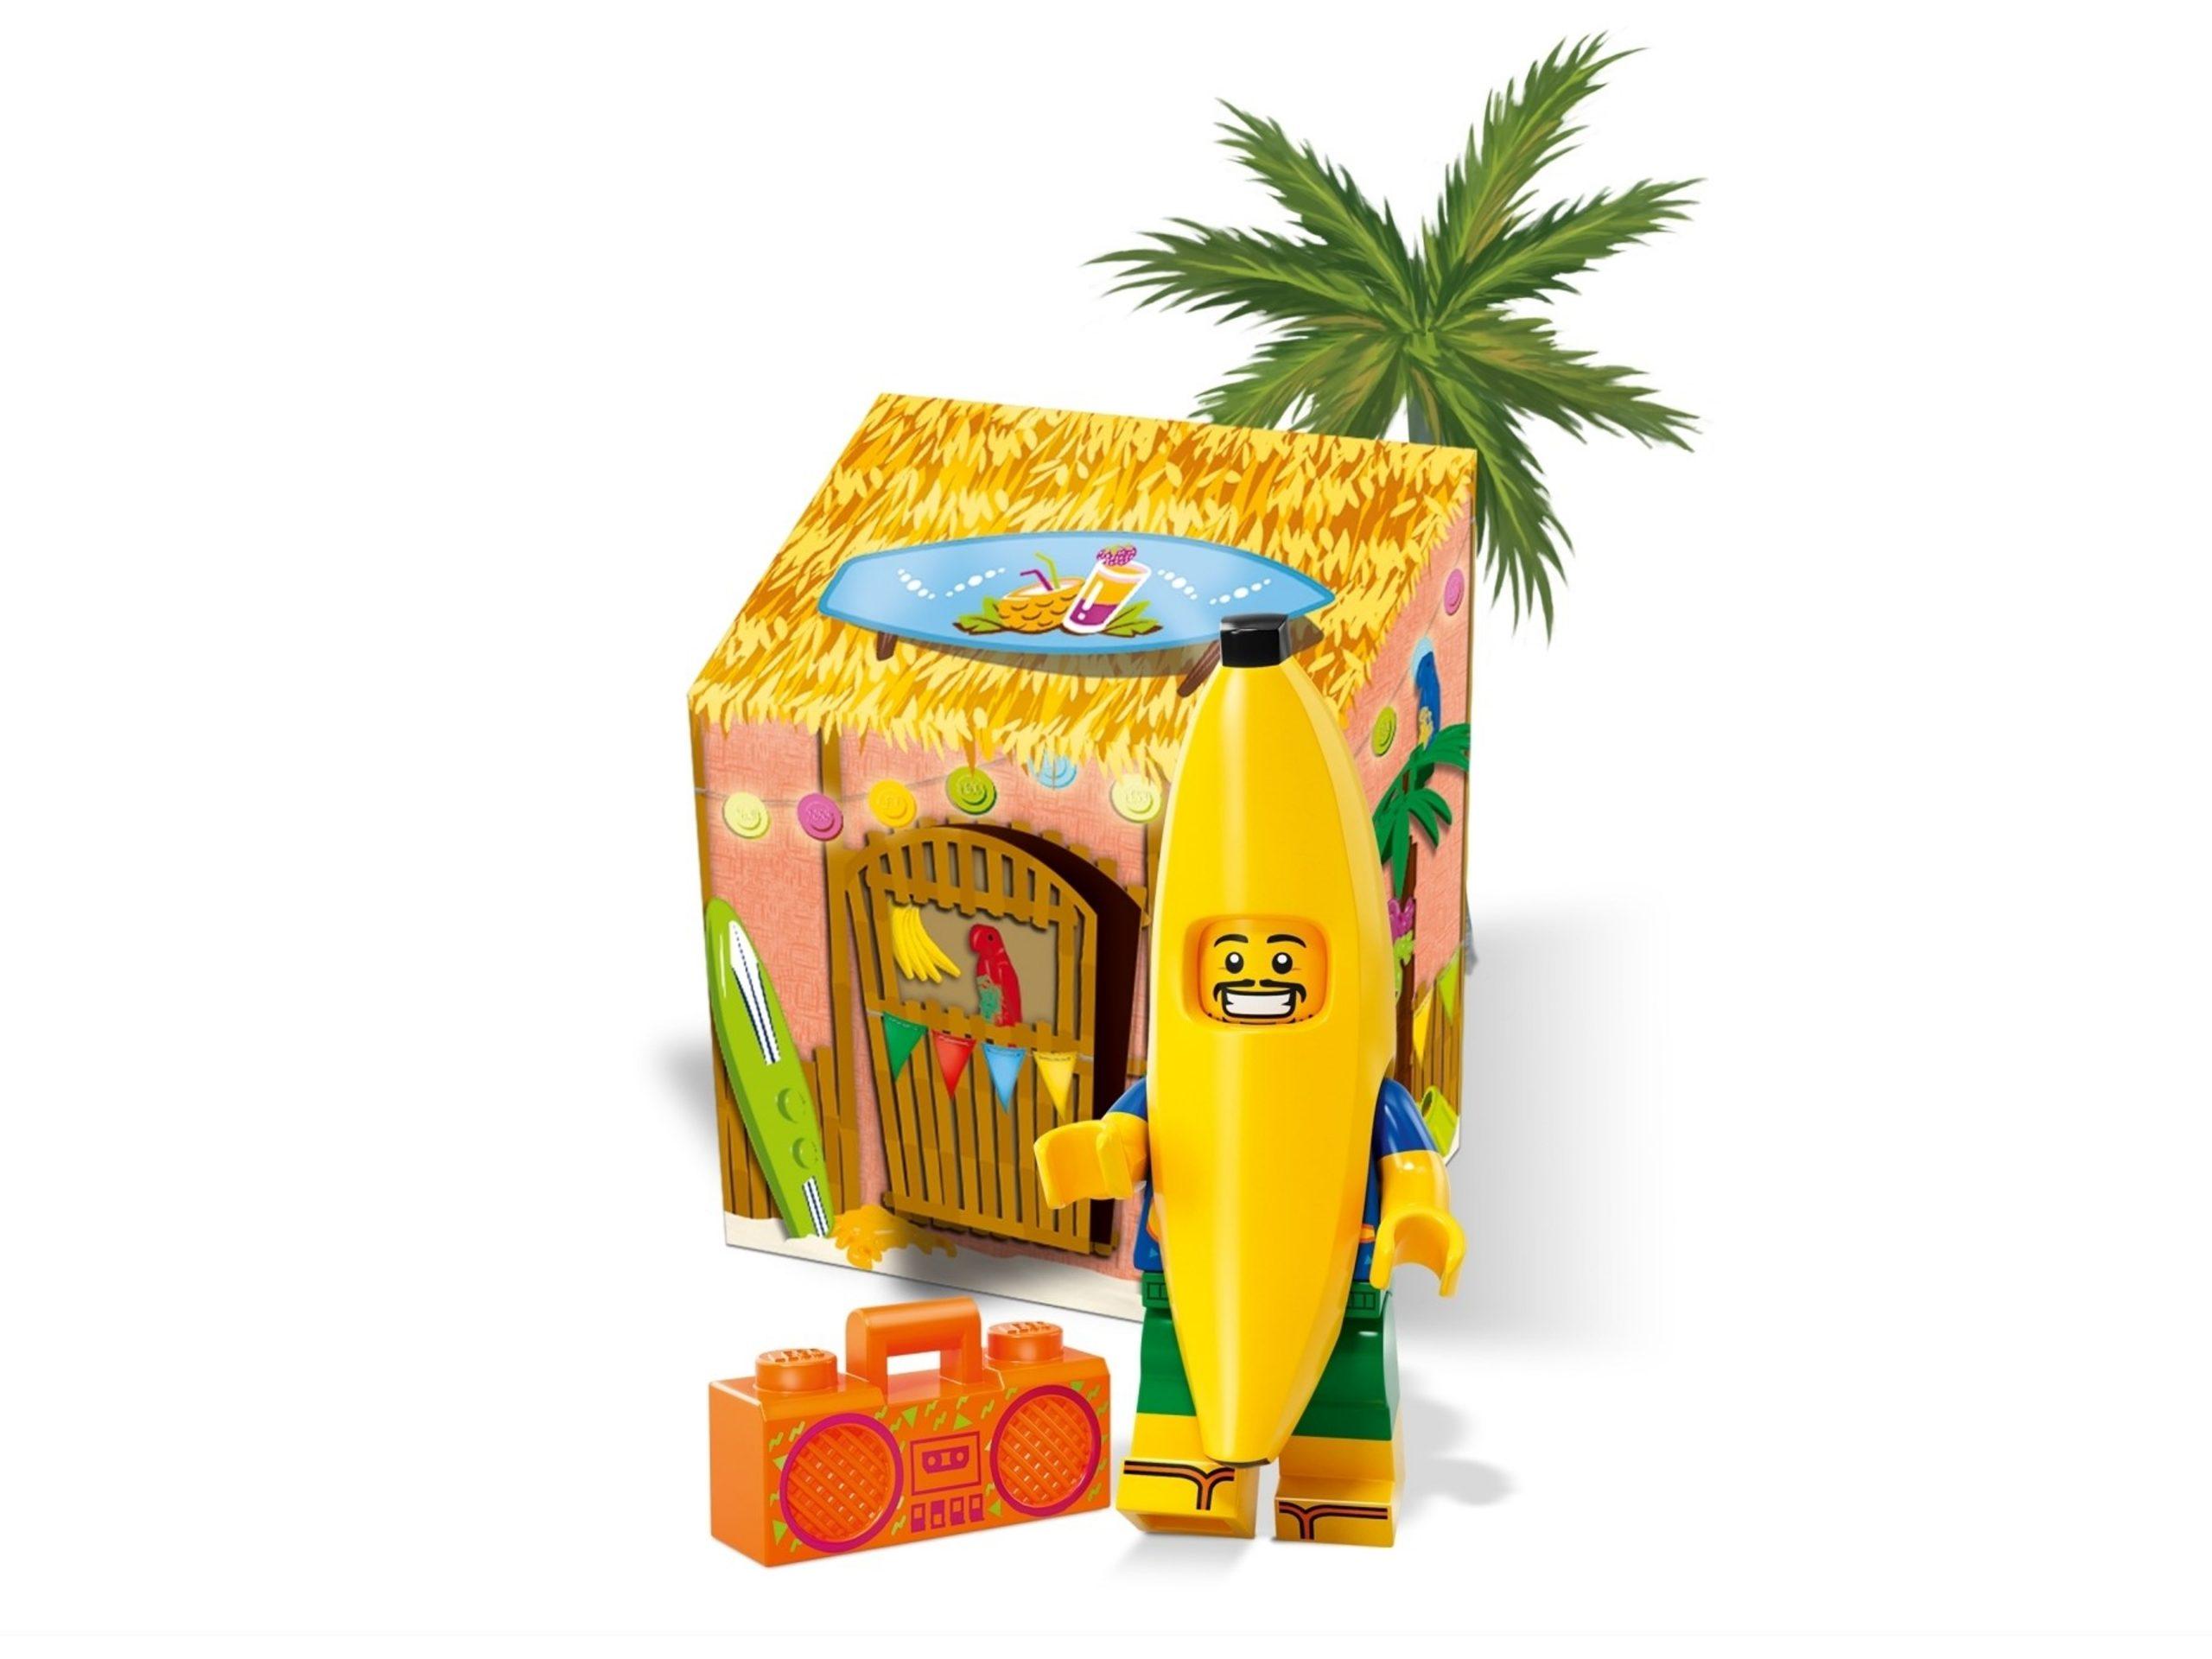 lego 5005250 party banana juice bar scaled